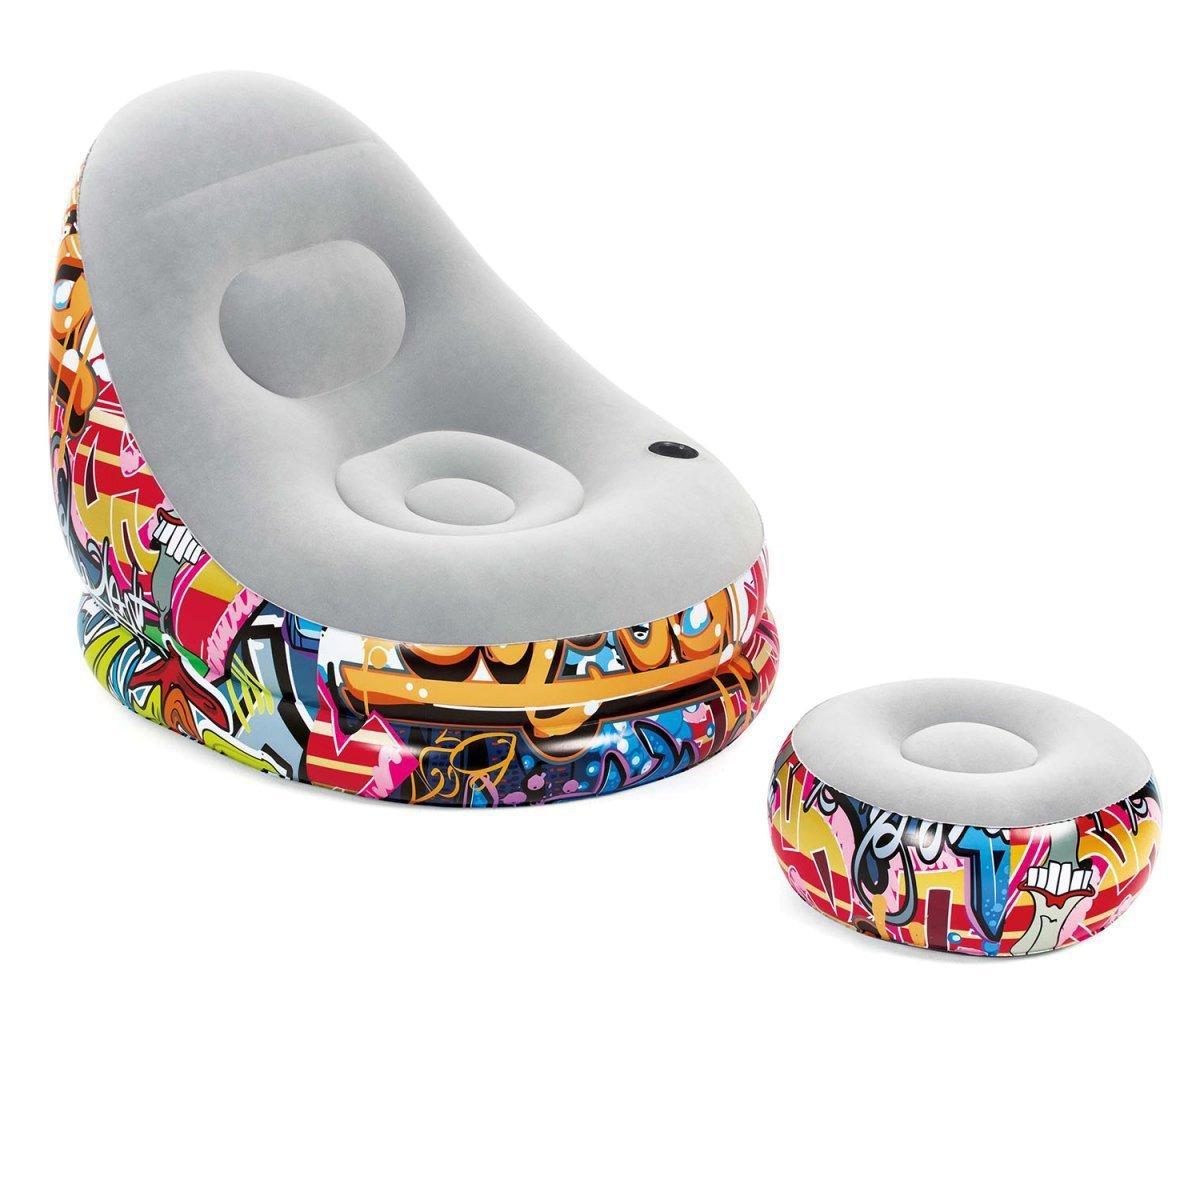 Надувное кресло Bestway 75076, 121 х 100 х 86 см, пуфик 54 х 26 см, белое